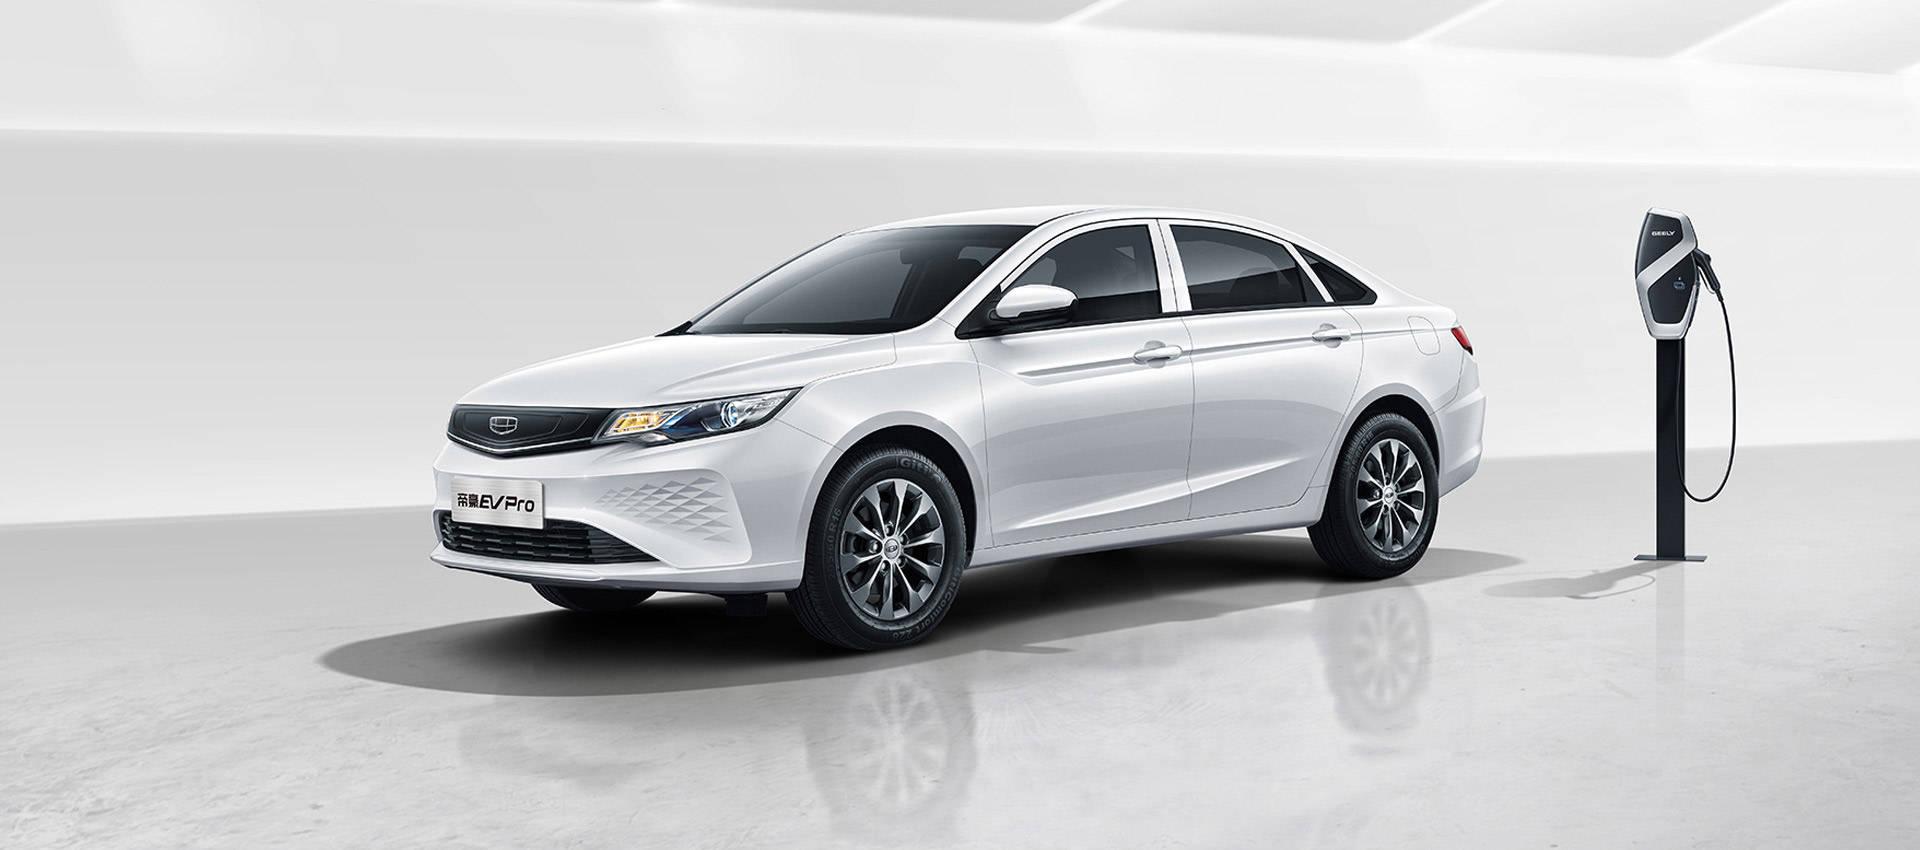 最初的帝豪电动汽车Pro售价145,800英镑,在NEDC行驶了421公里